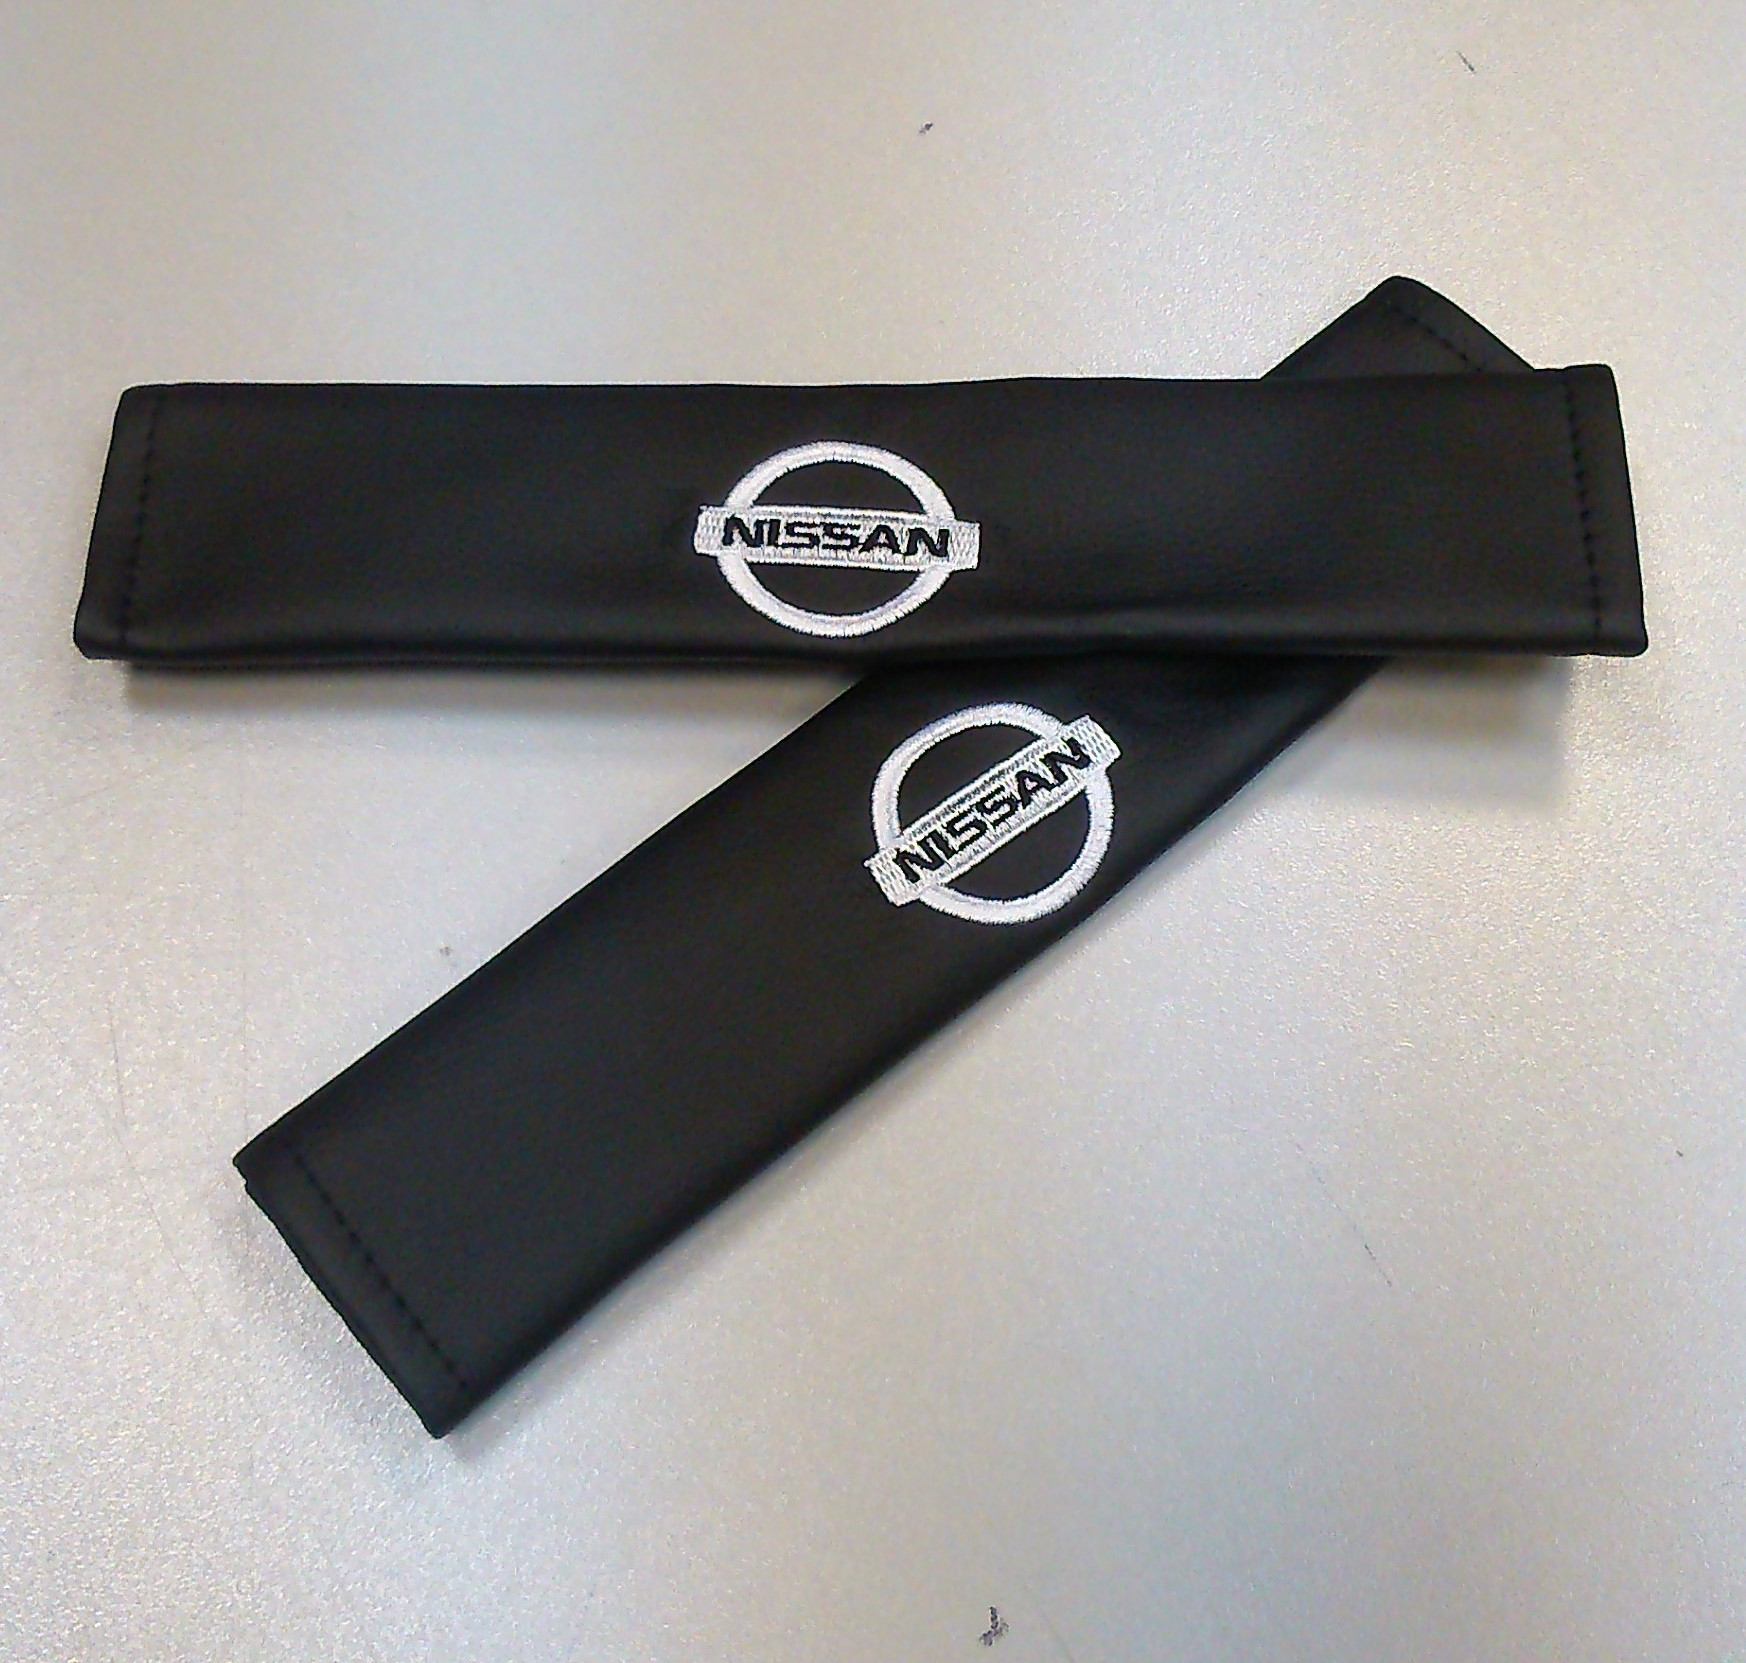 Накладки на ремень безопасности Auto Premium Nissan, 2 шт67005Накладка Auto Premium Nissan легко закрепляется на ремне безопасности и решает ряд назойливых проблем. Ремень больше не натрет плечо, благодаря тому, что изделие выполнено из мягкой экокожи и не мешает движению ремня. Накладка позволит защитить вашу одежду от следов ремня безопасности. В жаркую погоду в местах соприкосновения с ремнем кожа не будет потеть, так как накладка выполнена из дышащего материала.